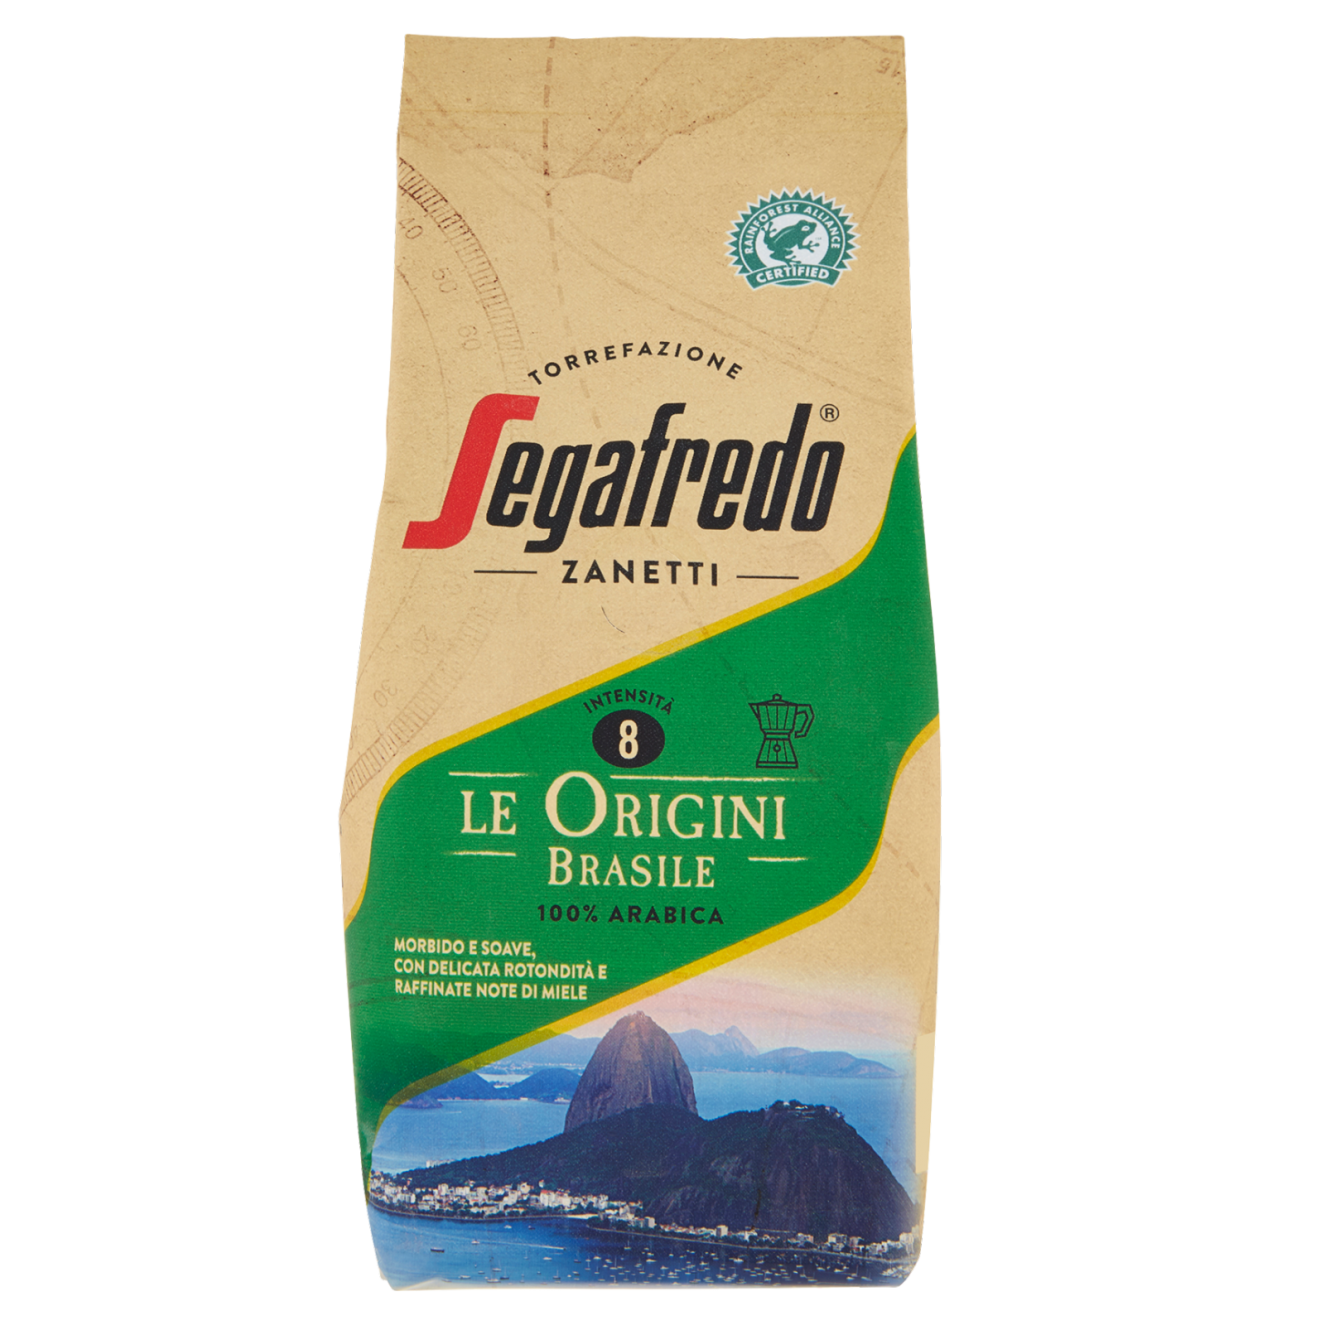 Café moído LE ORIGINI BRASILE